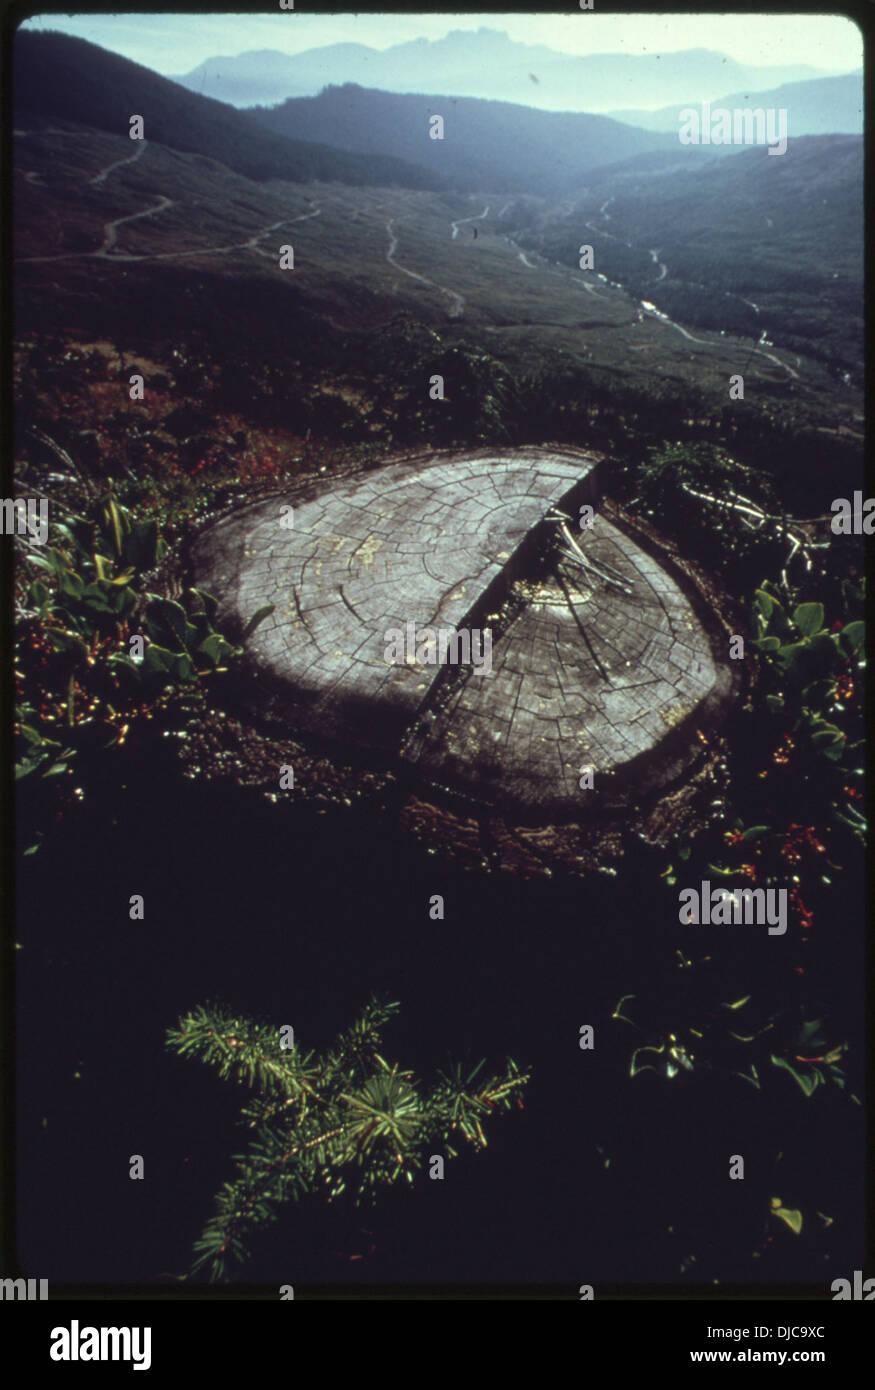 Ein Sämling (bepflanzten) Douglasie und der Stumpf die Douglasie ist es, im Vordergrund eine totale ersetzen. 590 Stockbild